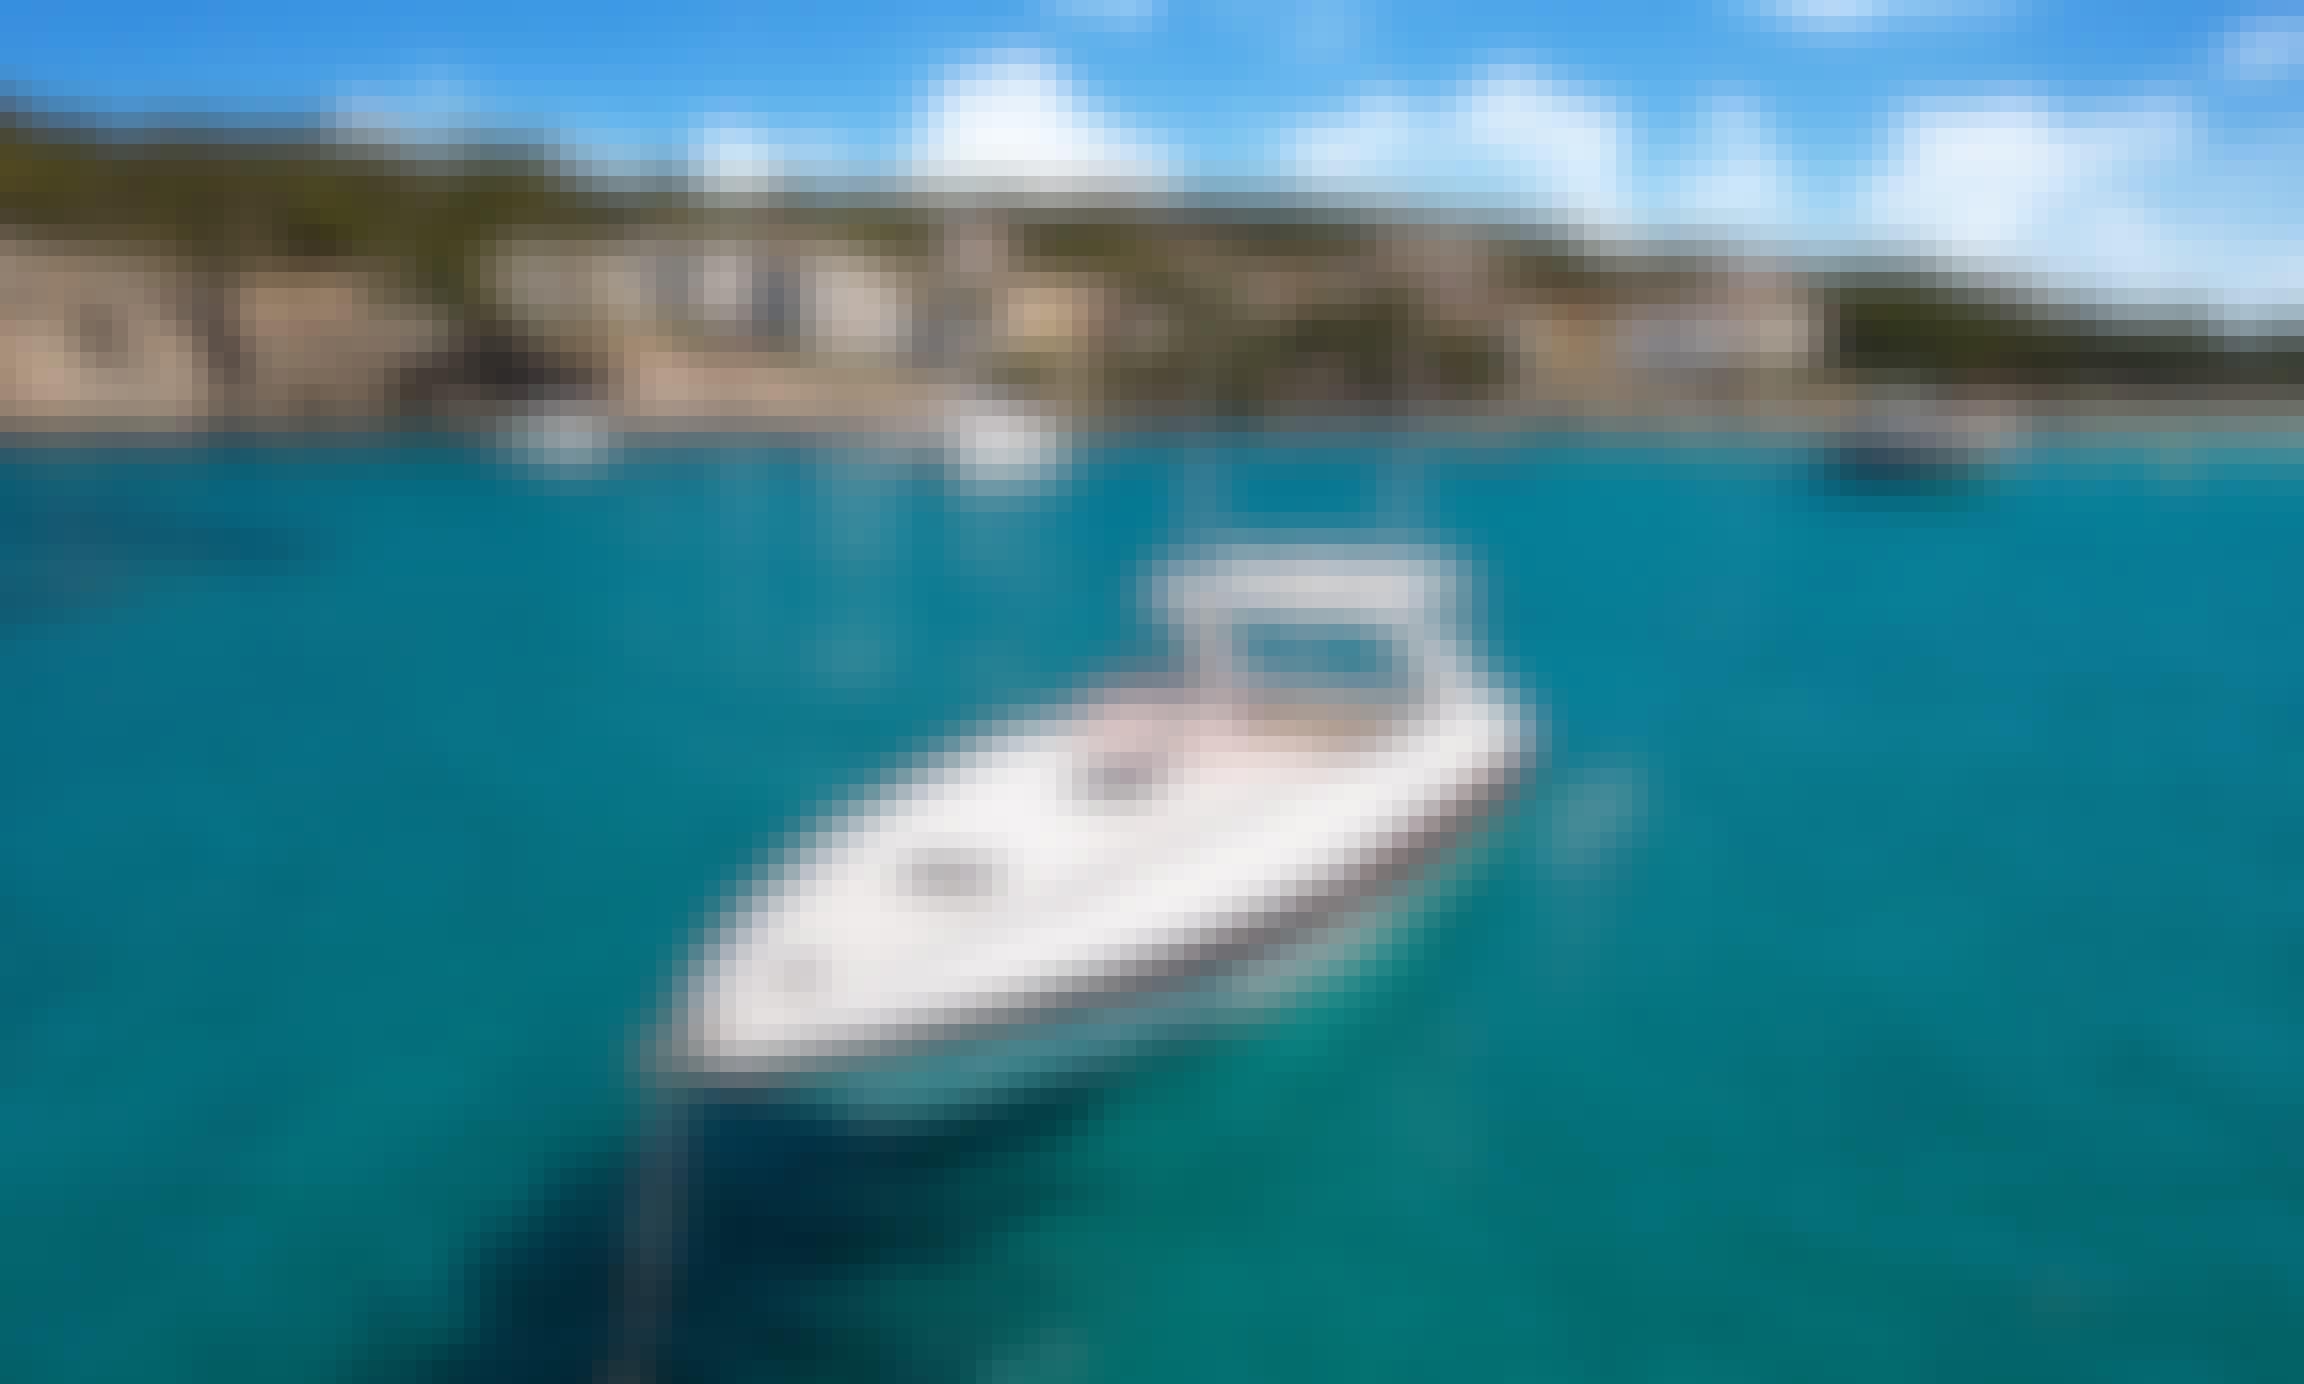 Indomable - Sunseeker Tomahawk 37 In Santa Eulària des Riu, Spain